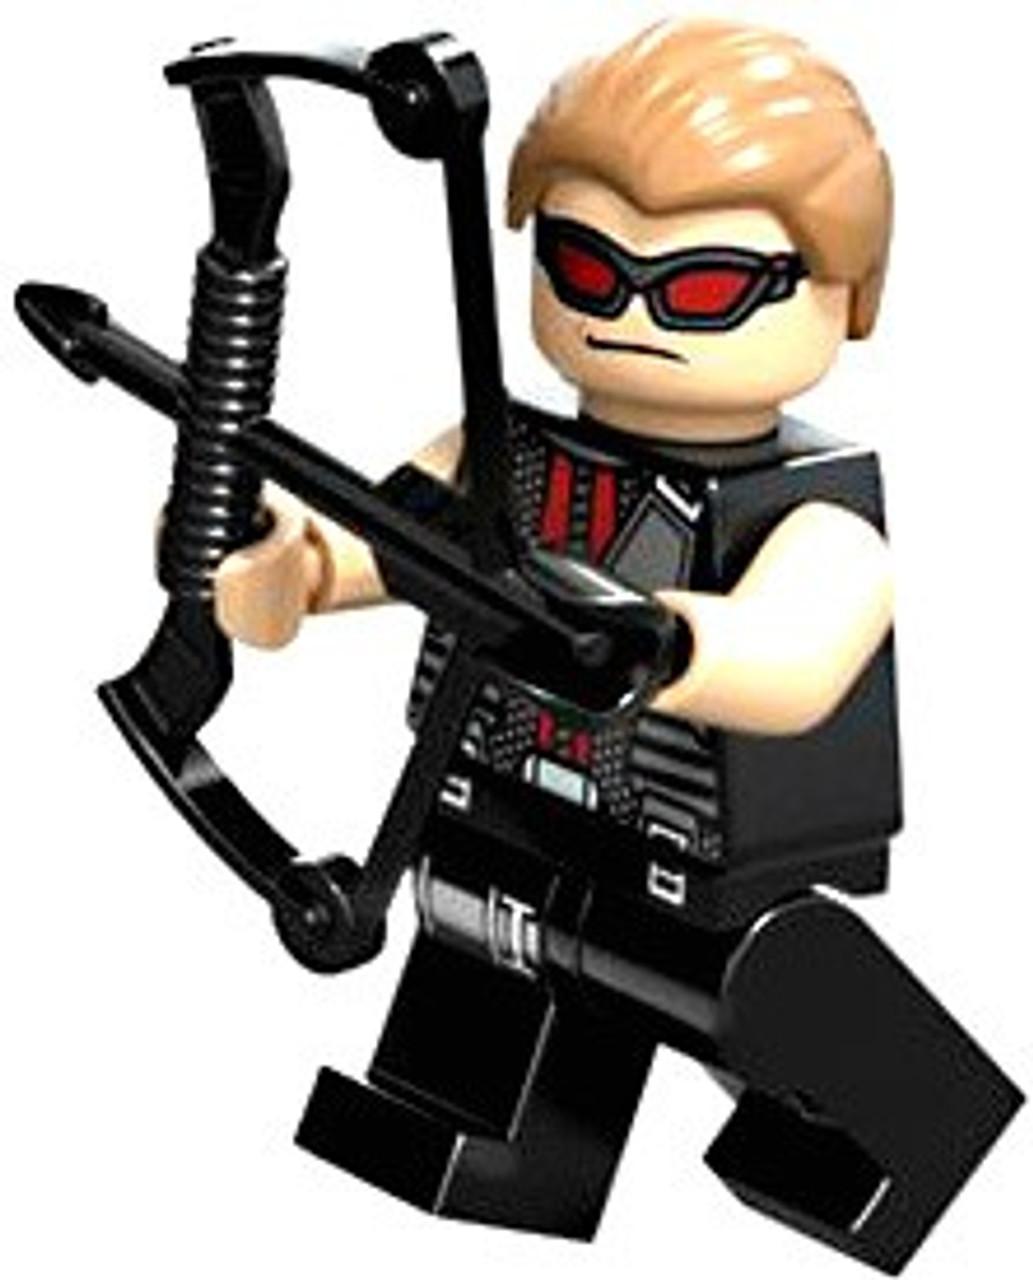 LEGO Marvel Super Heroes Loose Hawkeye Minifigure [Loose]